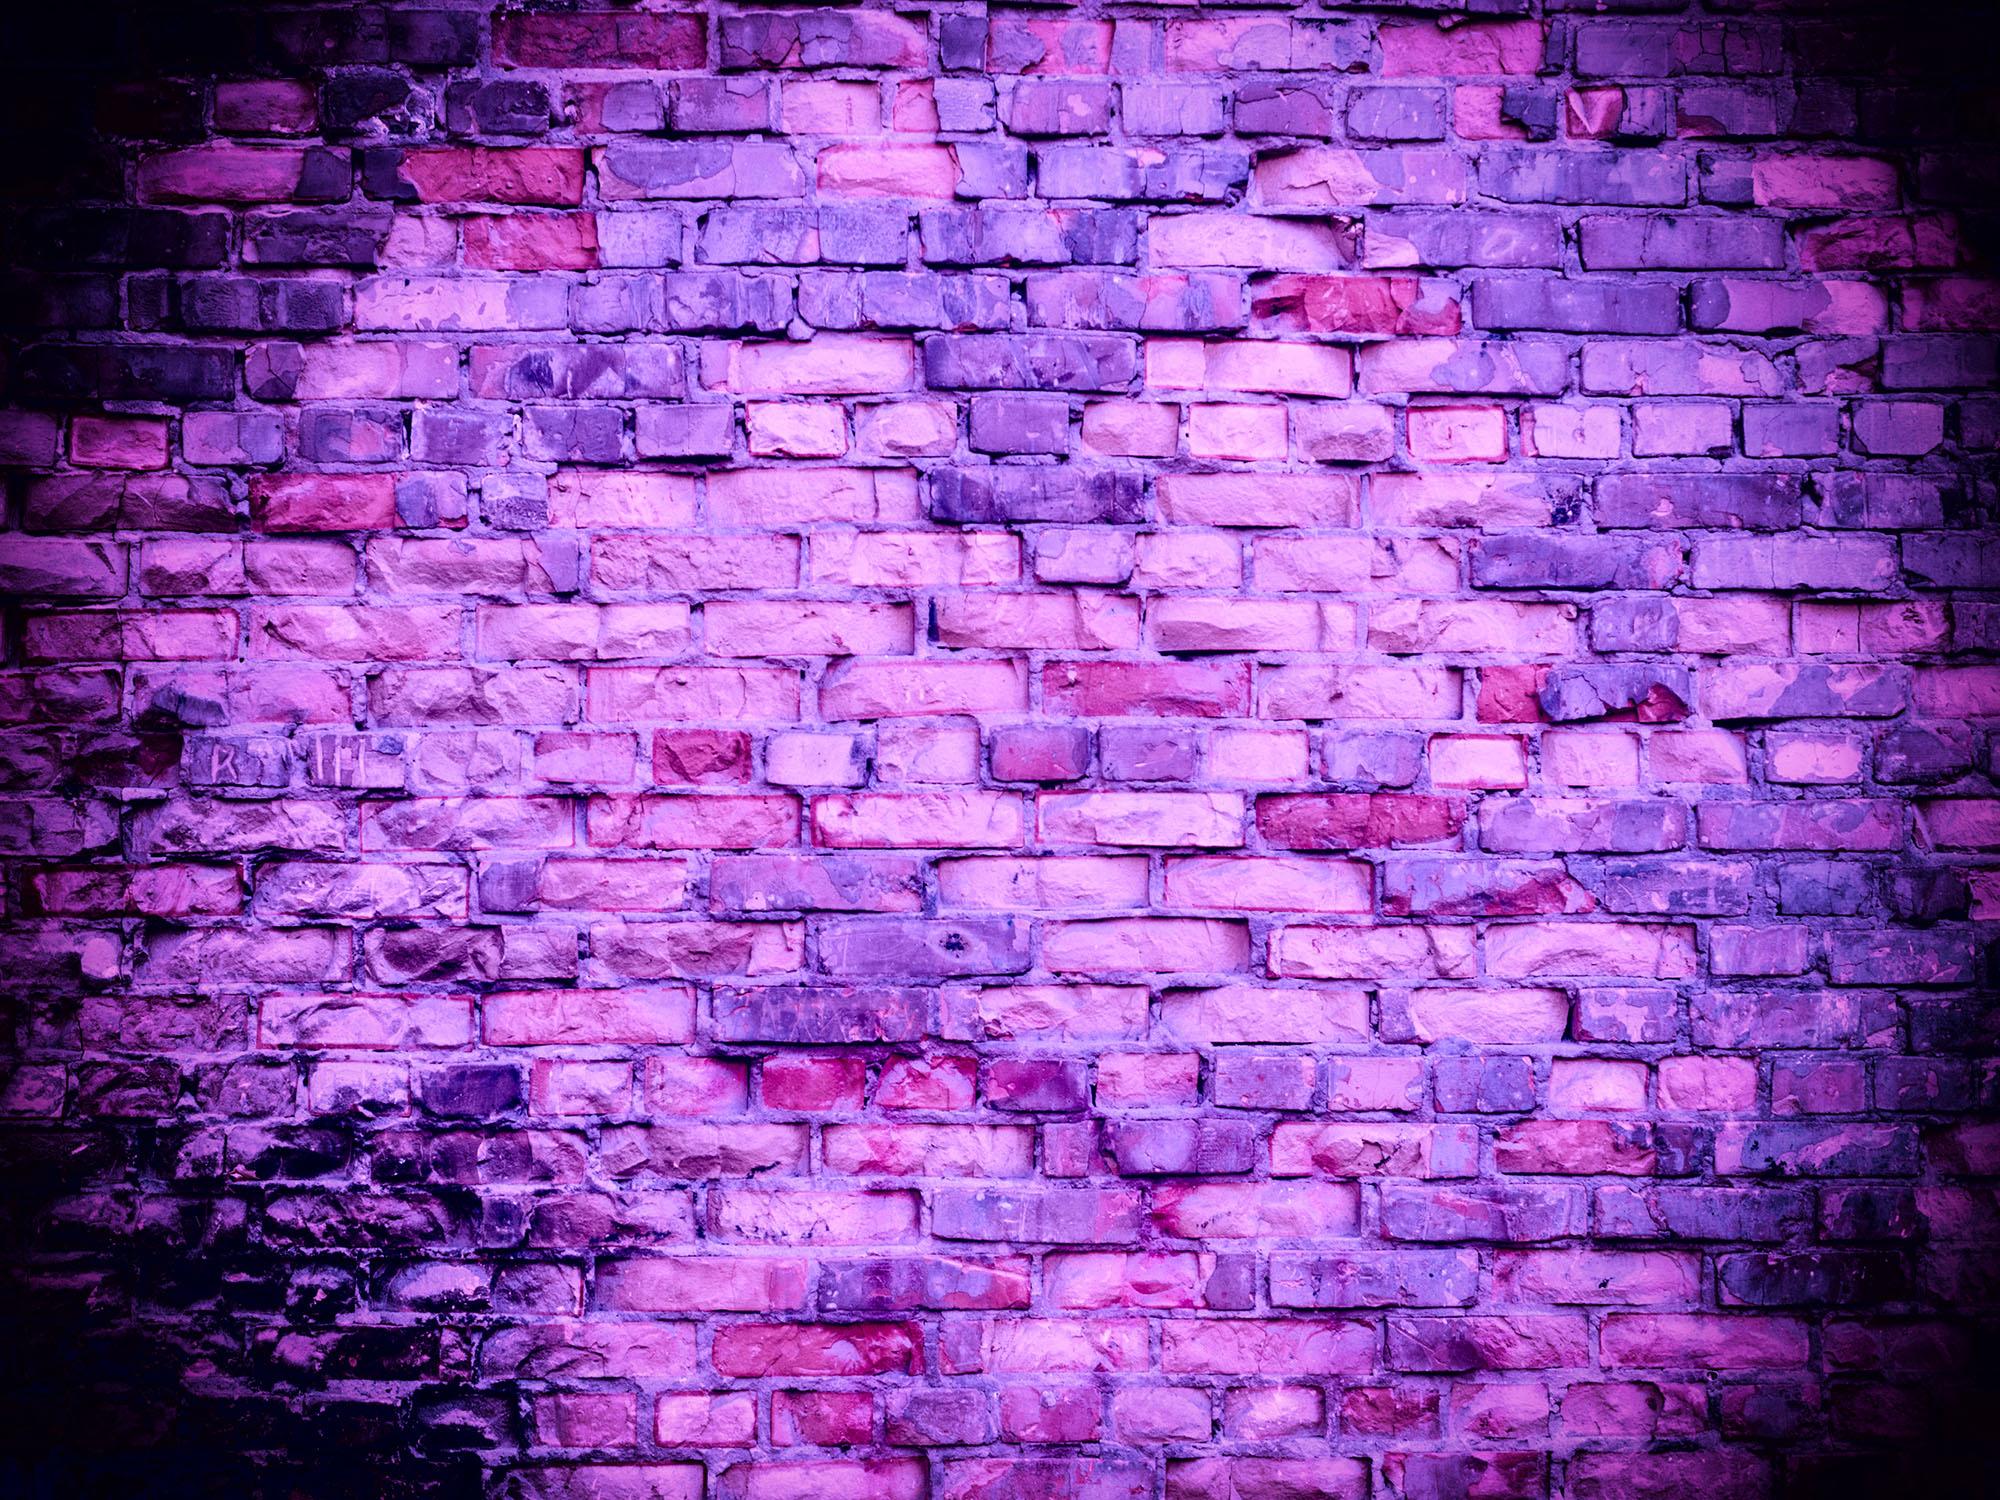 purple bricks review